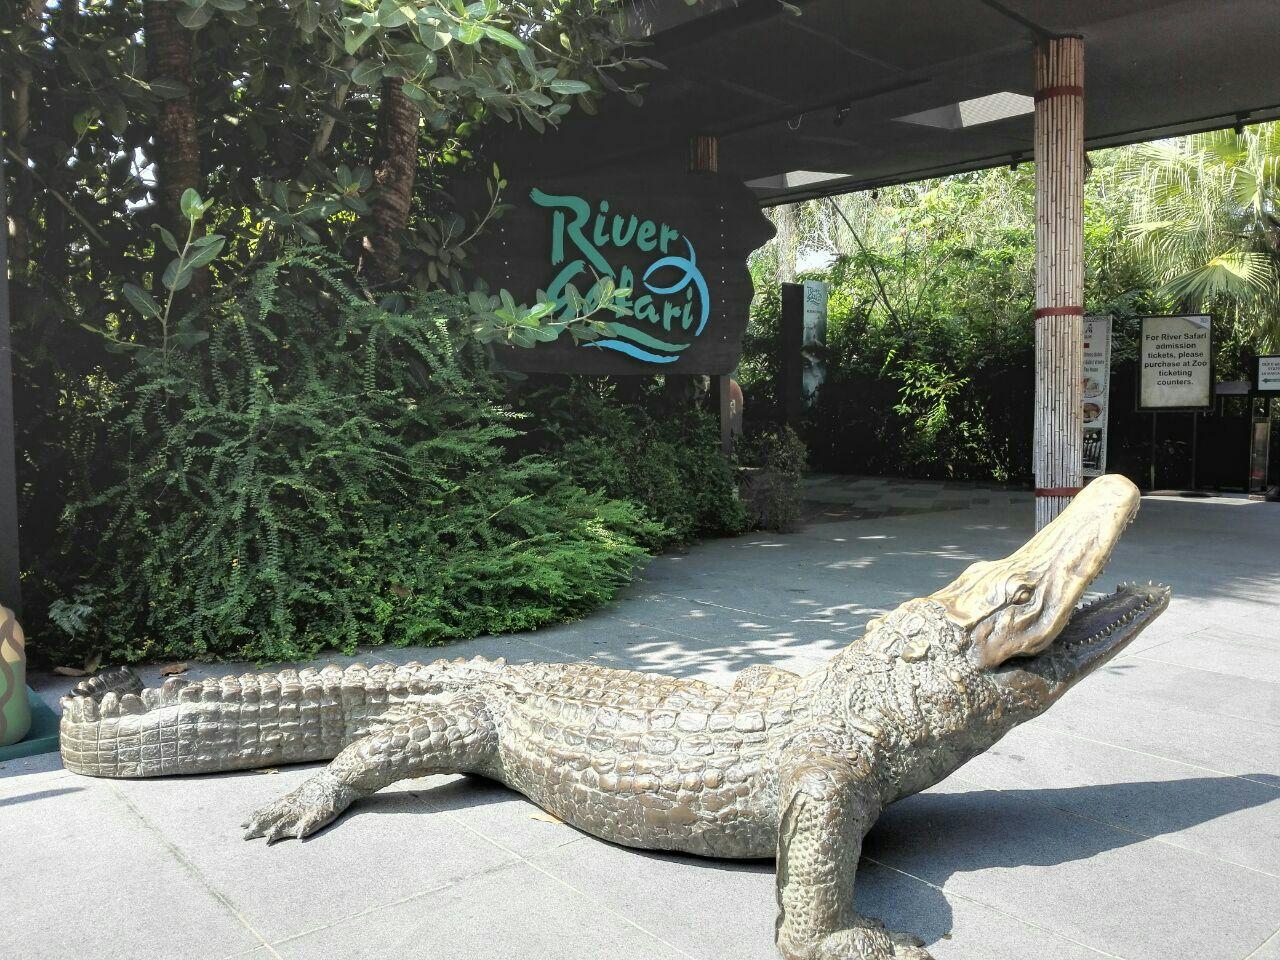 河川生态园是新加坡特有的一个尽可能展示动物在自然界中生活的公园.